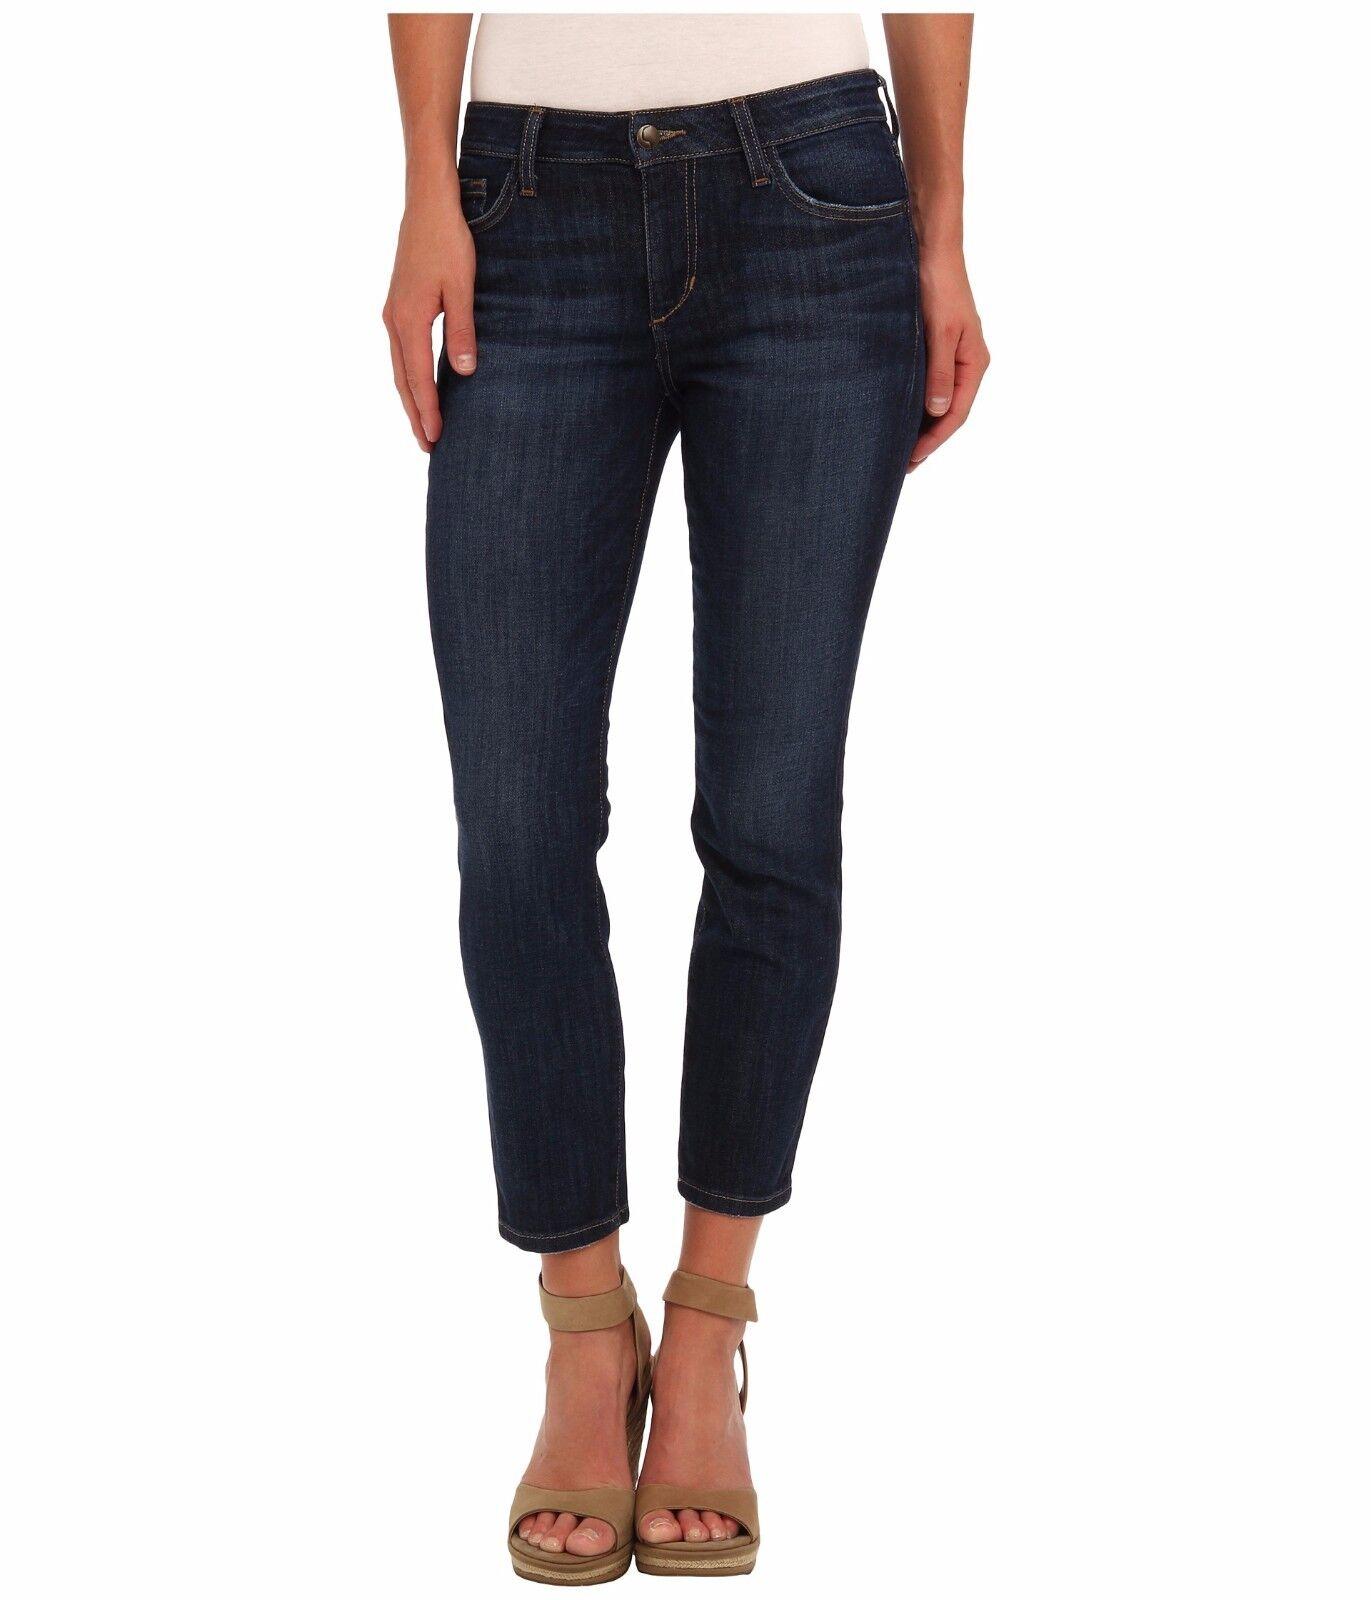 Joe's Jeans Curby Crop in Clara Dark bluee Women's Jeans Mid Rise Fits Skinny 25